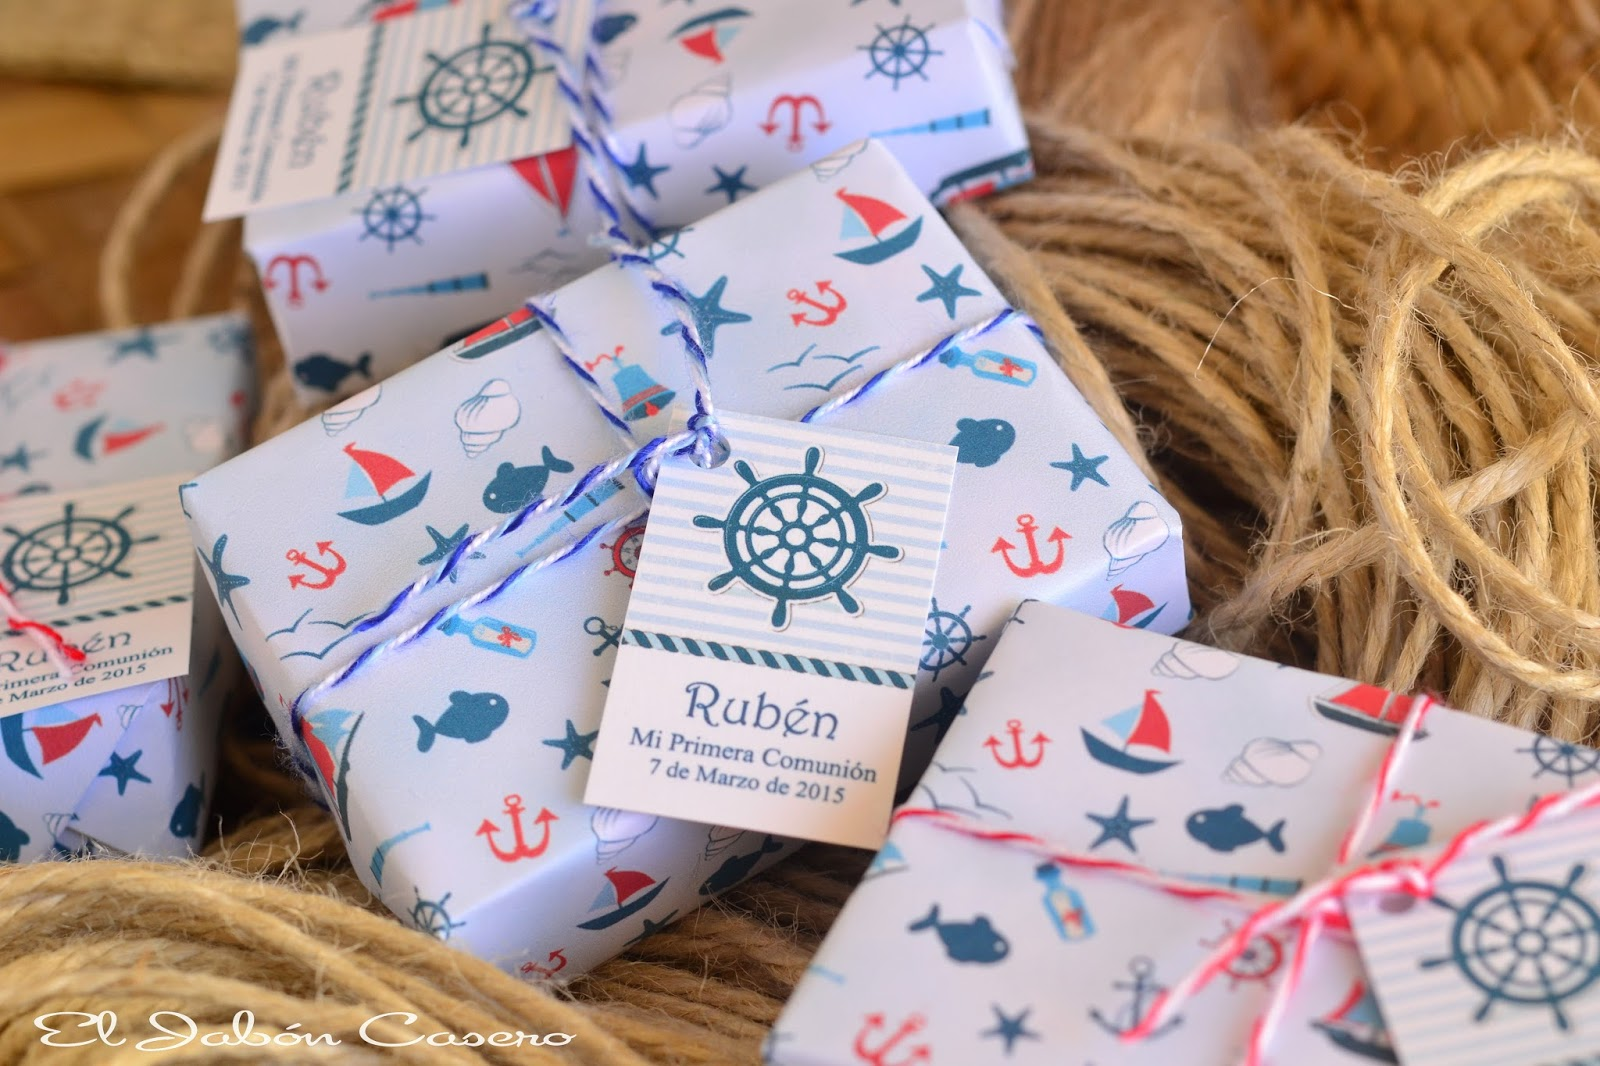 Jabones marineros  detalles de comunion de niño